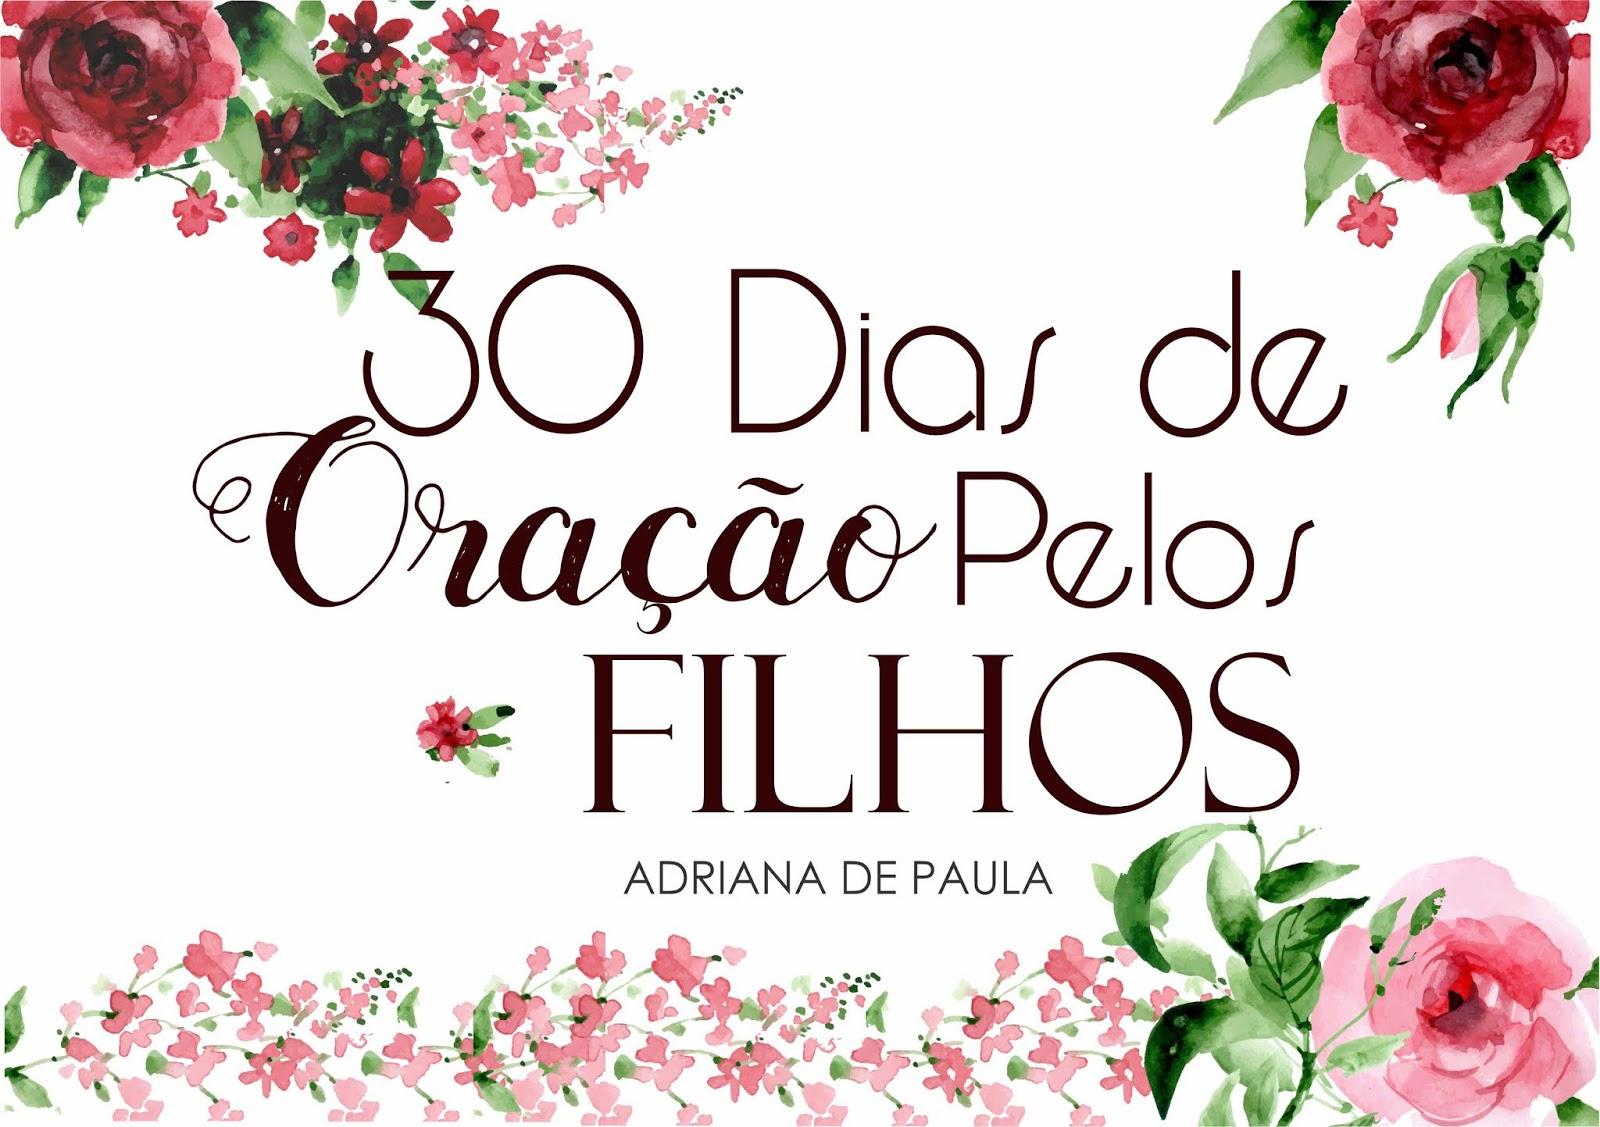 desafio 30 dias de oraÇÃo pelos filhos adriana de paula